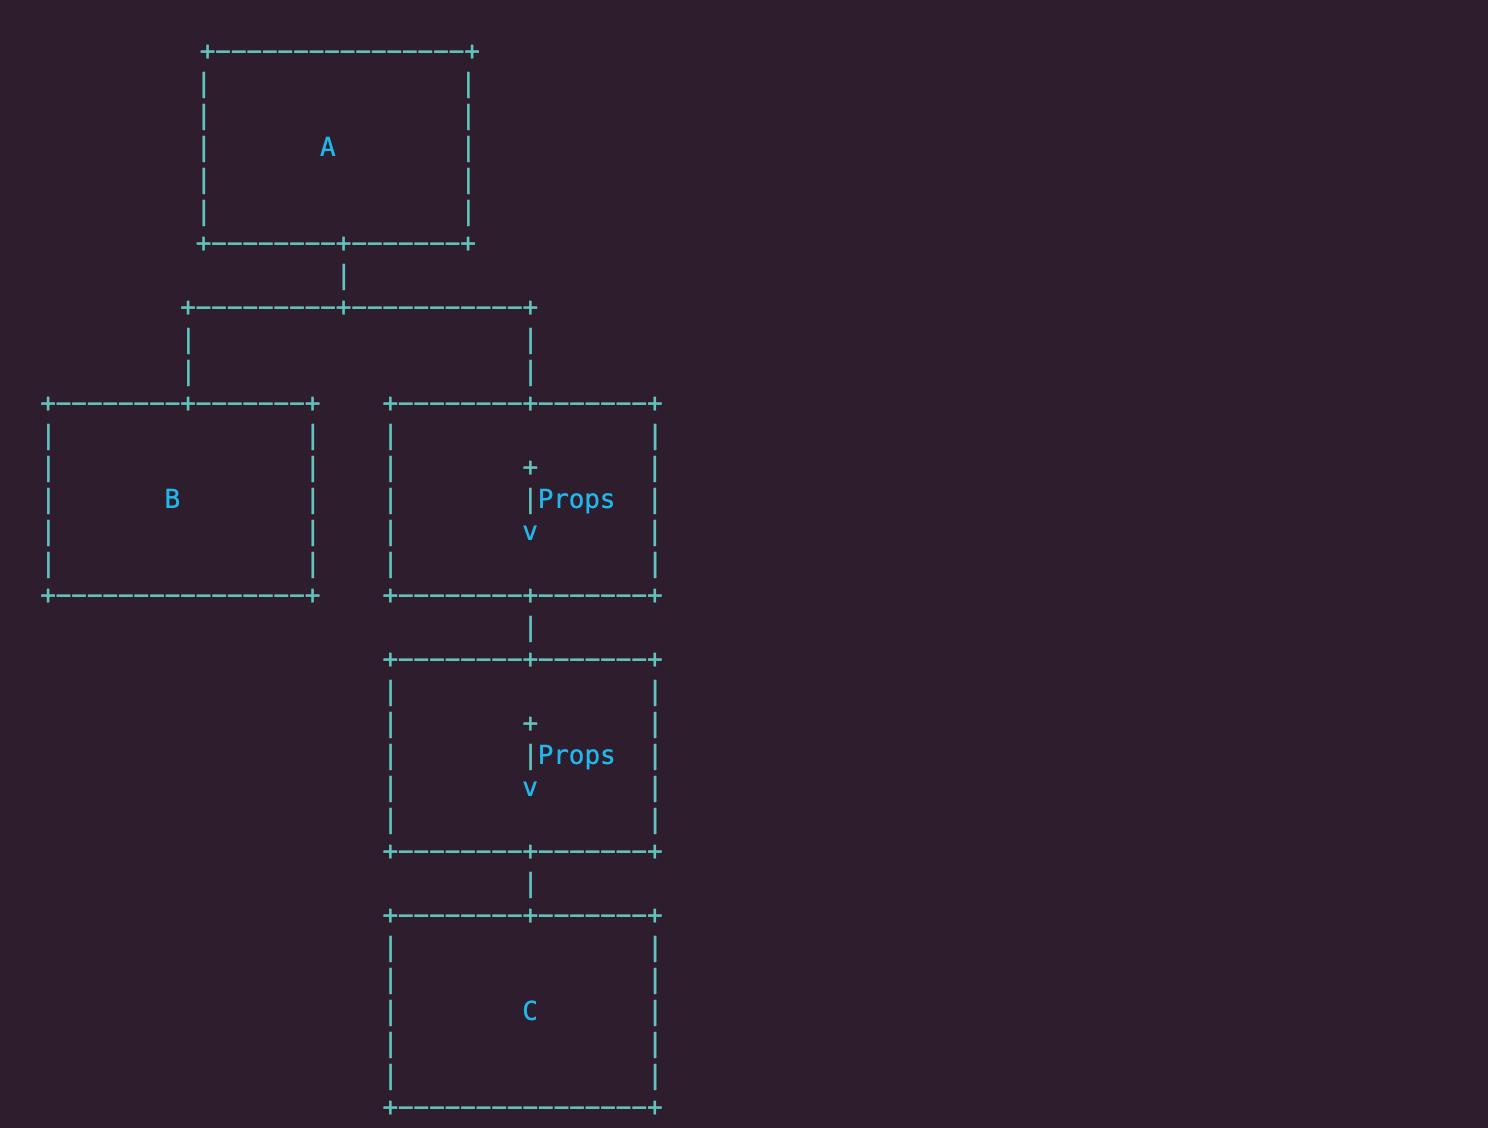 شماتیکی از ساختار به اشتراک گذاشتن داده ها به صورت props های تودرتو (prop drilling)